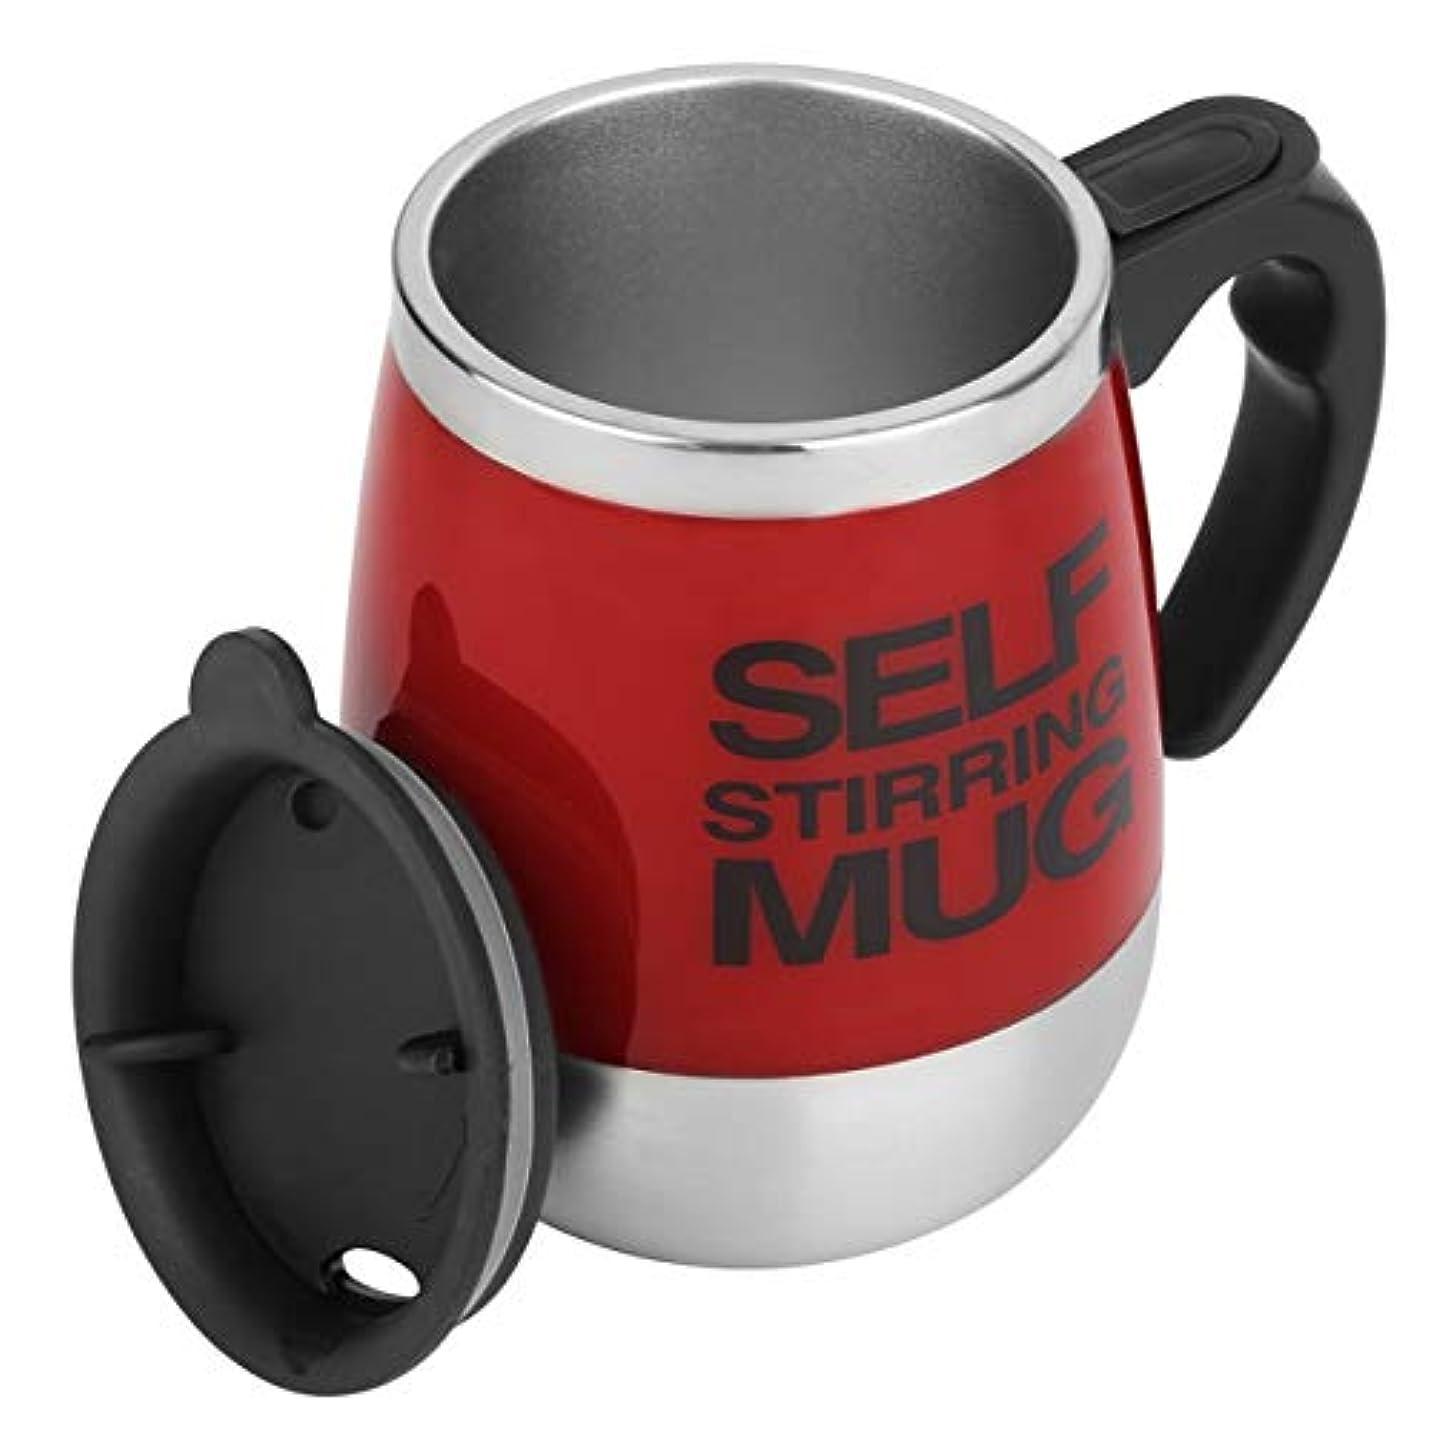 Saikogoods 450ミリリットル ステンレス鋼 自己攪拌マグカップ 自動ミキシング ティーコーヒーカップ 自動 電気コーヒーカップを飲みます 赤